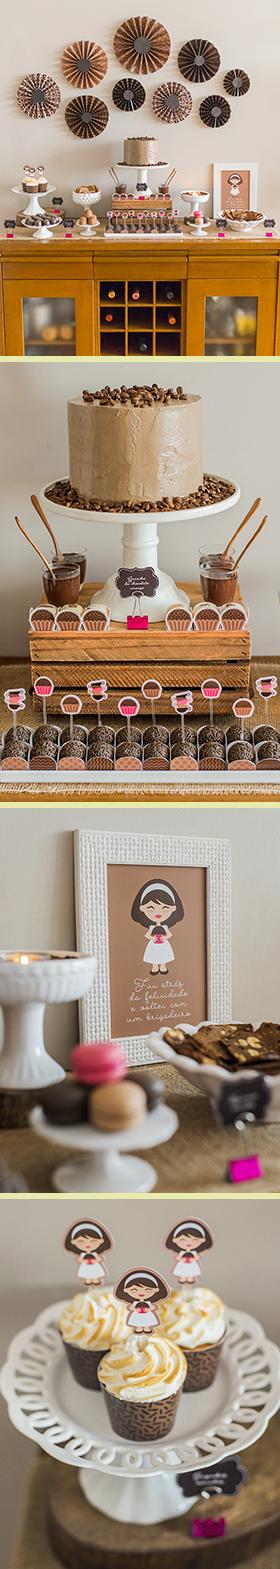 CAFÉ & BRIGADEIRO: 10 papéis digitais + elementos para decorar um lanche com as amigas